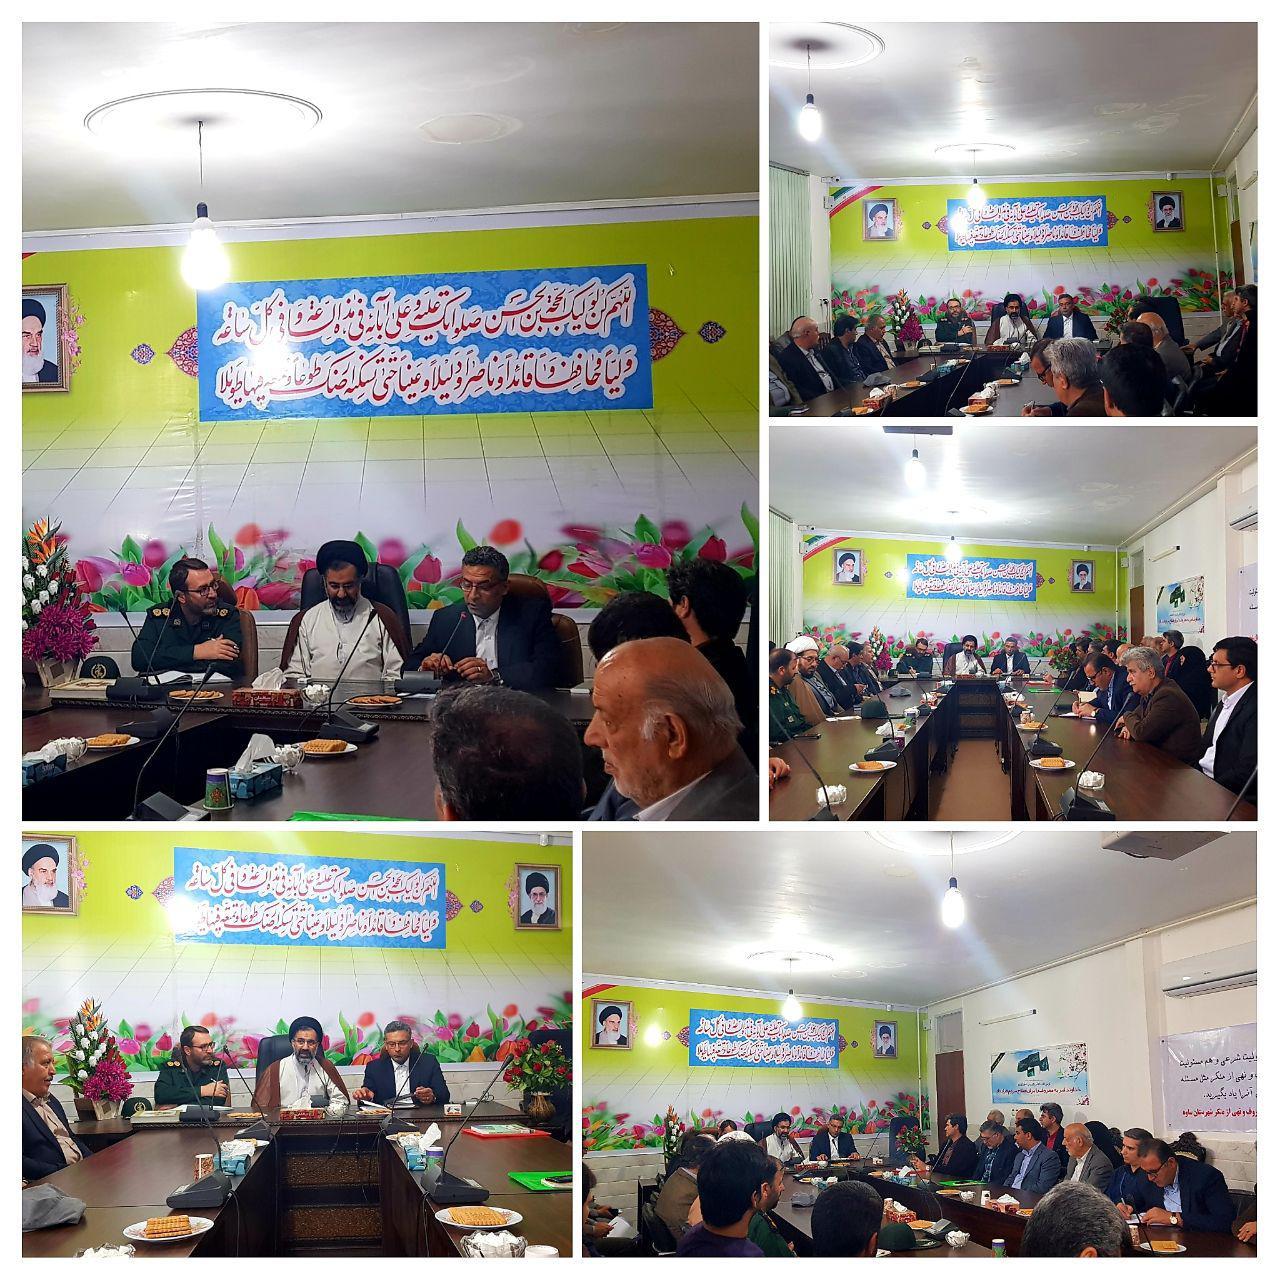 جلسه هماهنگی کمک به سیل زدگان استان های لرستان و خوزستان در ساوه